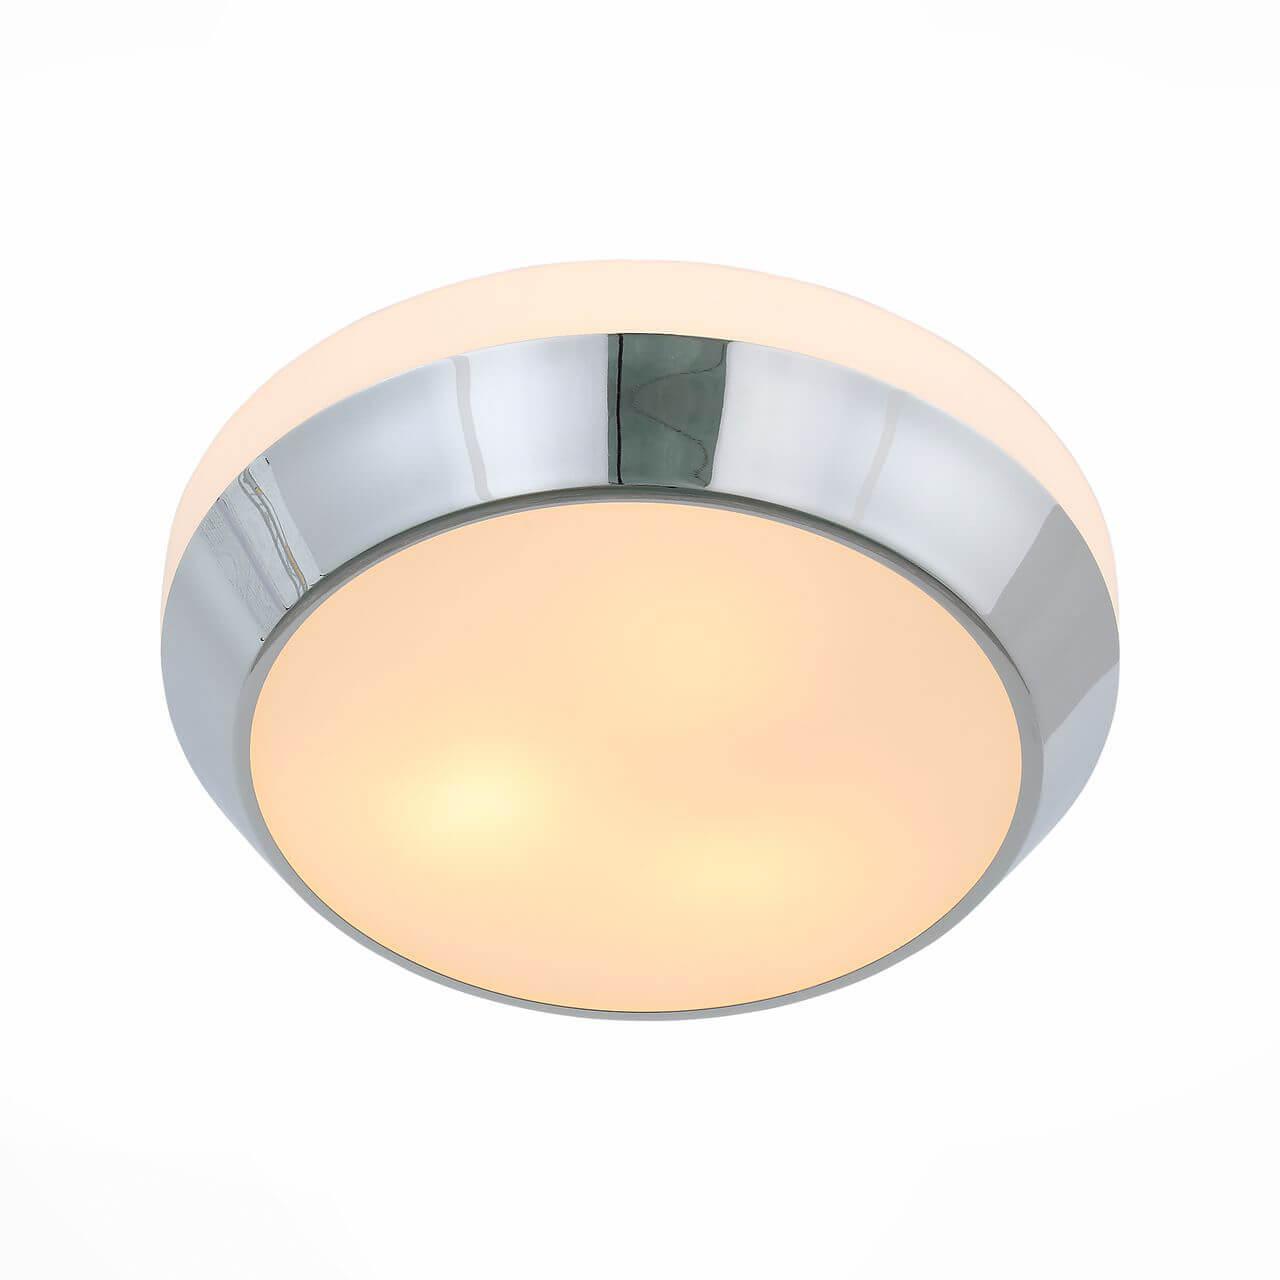 Потолочный светильник ST Luce Bagno SL469.502.03 st luce потолочный светильник st luce bagno sl496 502 03